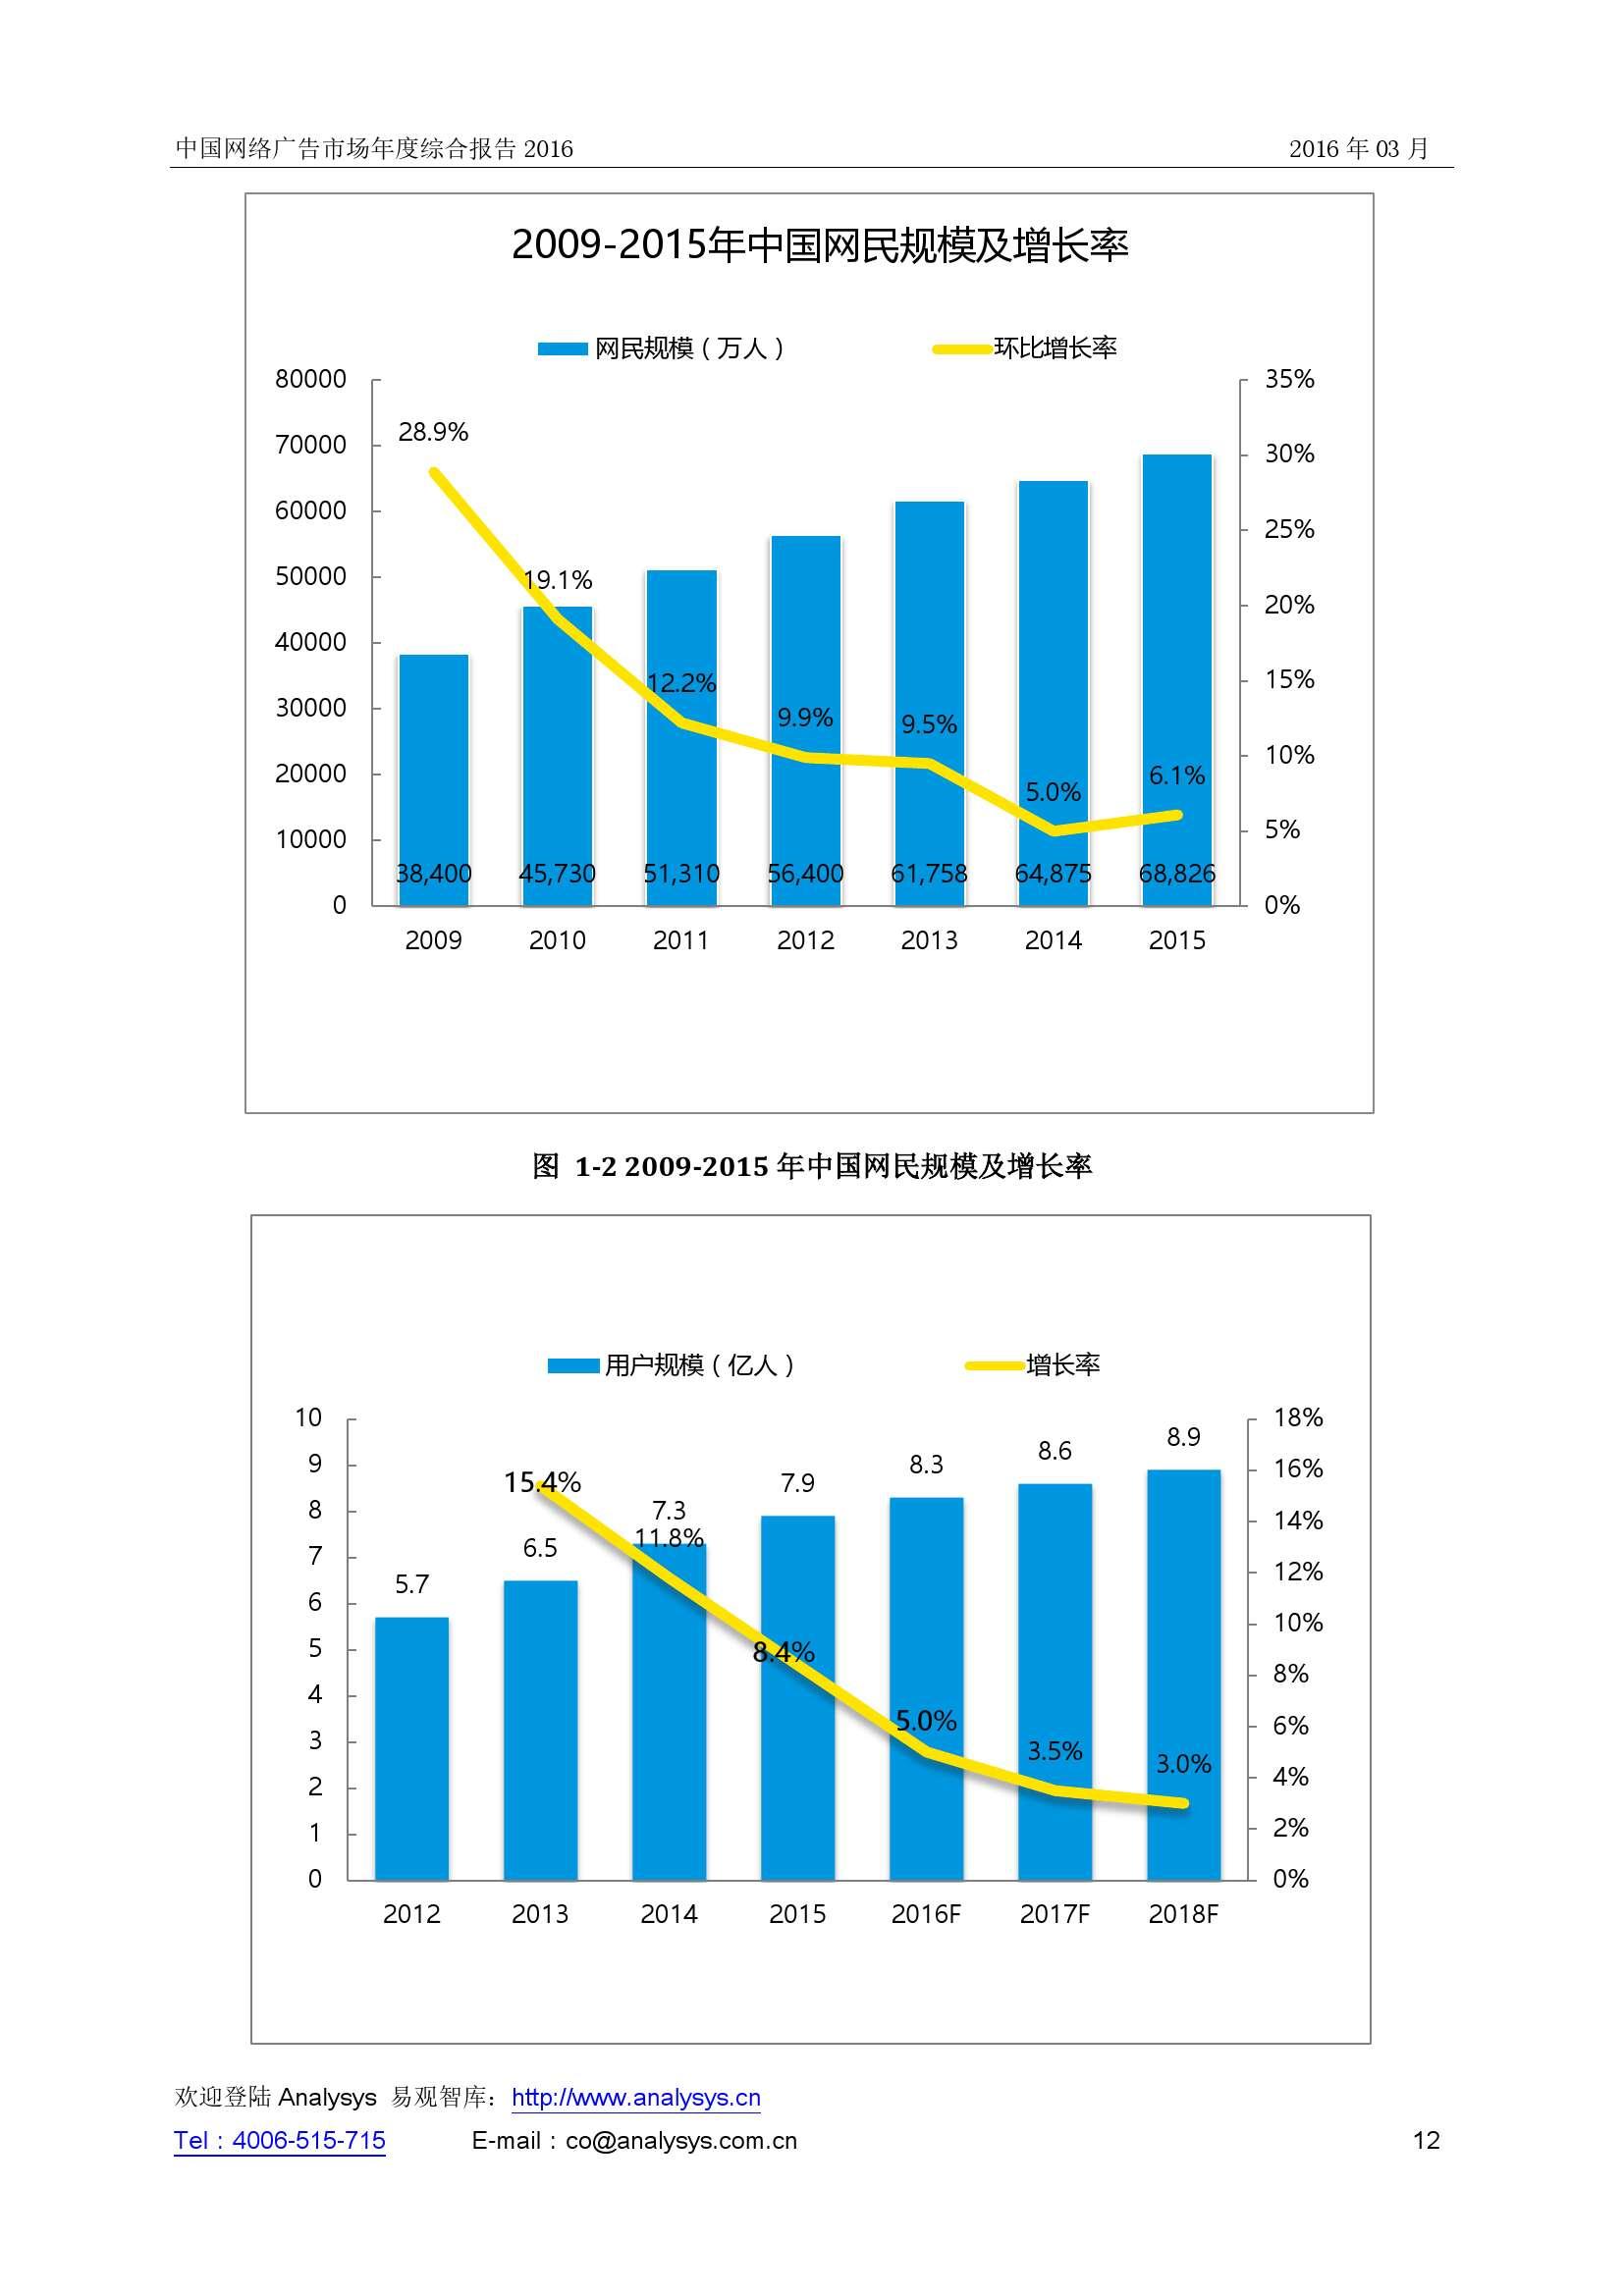 中国网络广告市场年度综合报告2016_000012